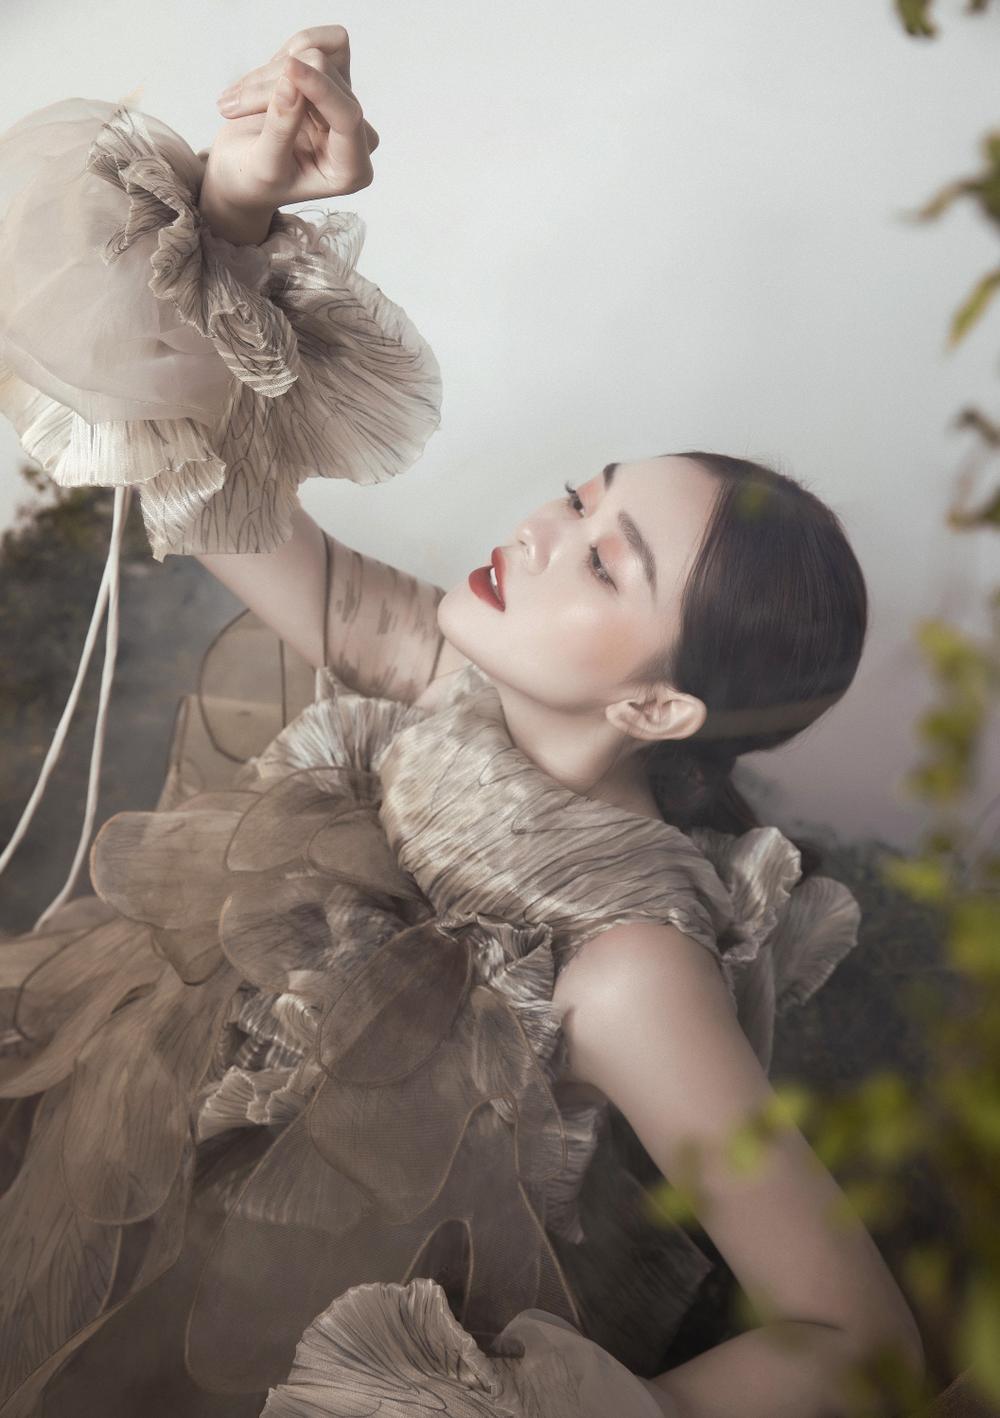 Á hậu Tường San hóa 'Hằng Nga', đẹp ma mị trong bộ ảnh mới dịp Trung thu Ảnh 11